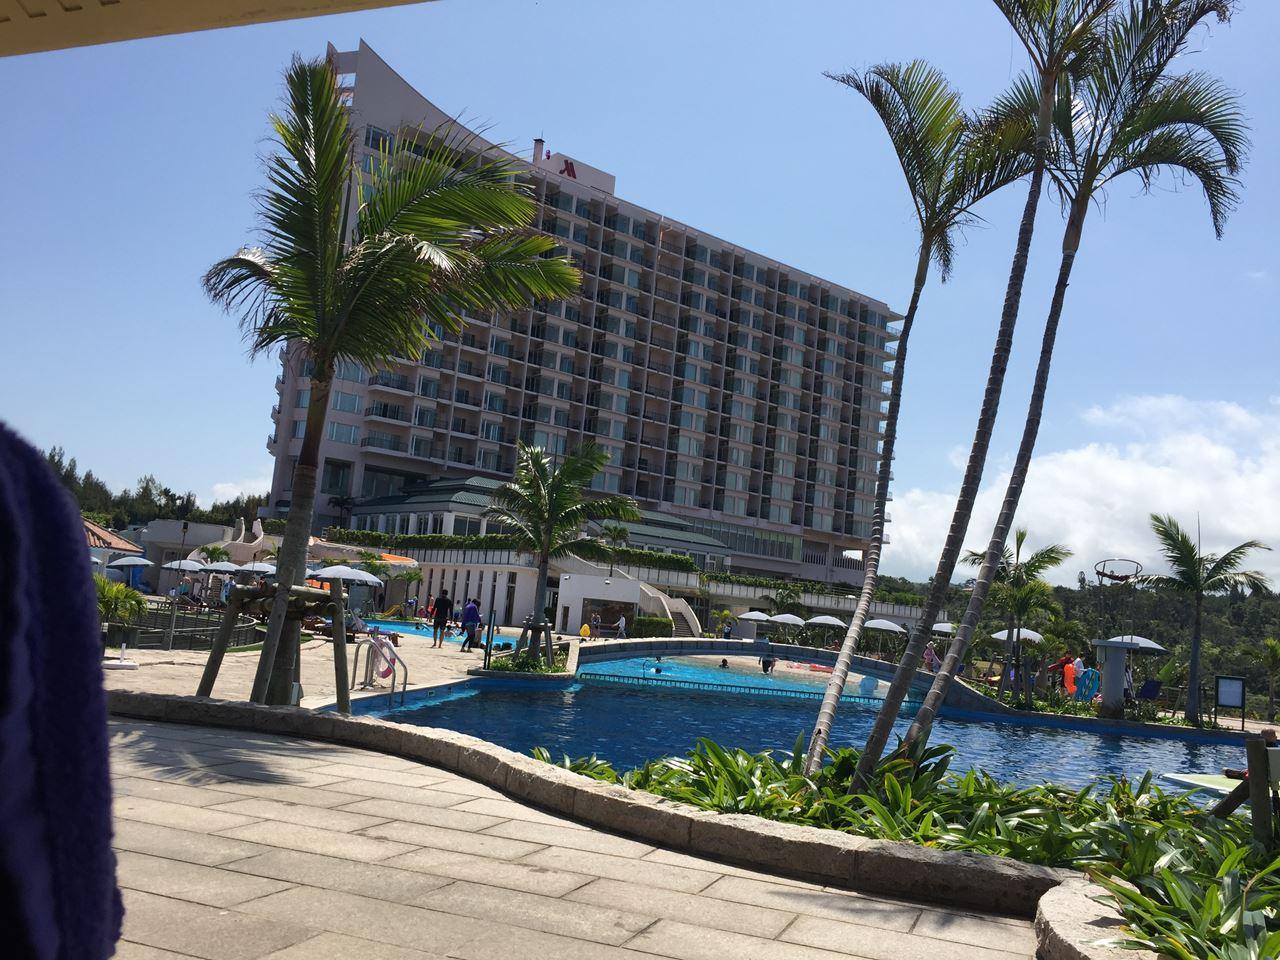 沖縄マリオット子連れ旅行記|エグゼクティブラウンジと巨大プールが最高!